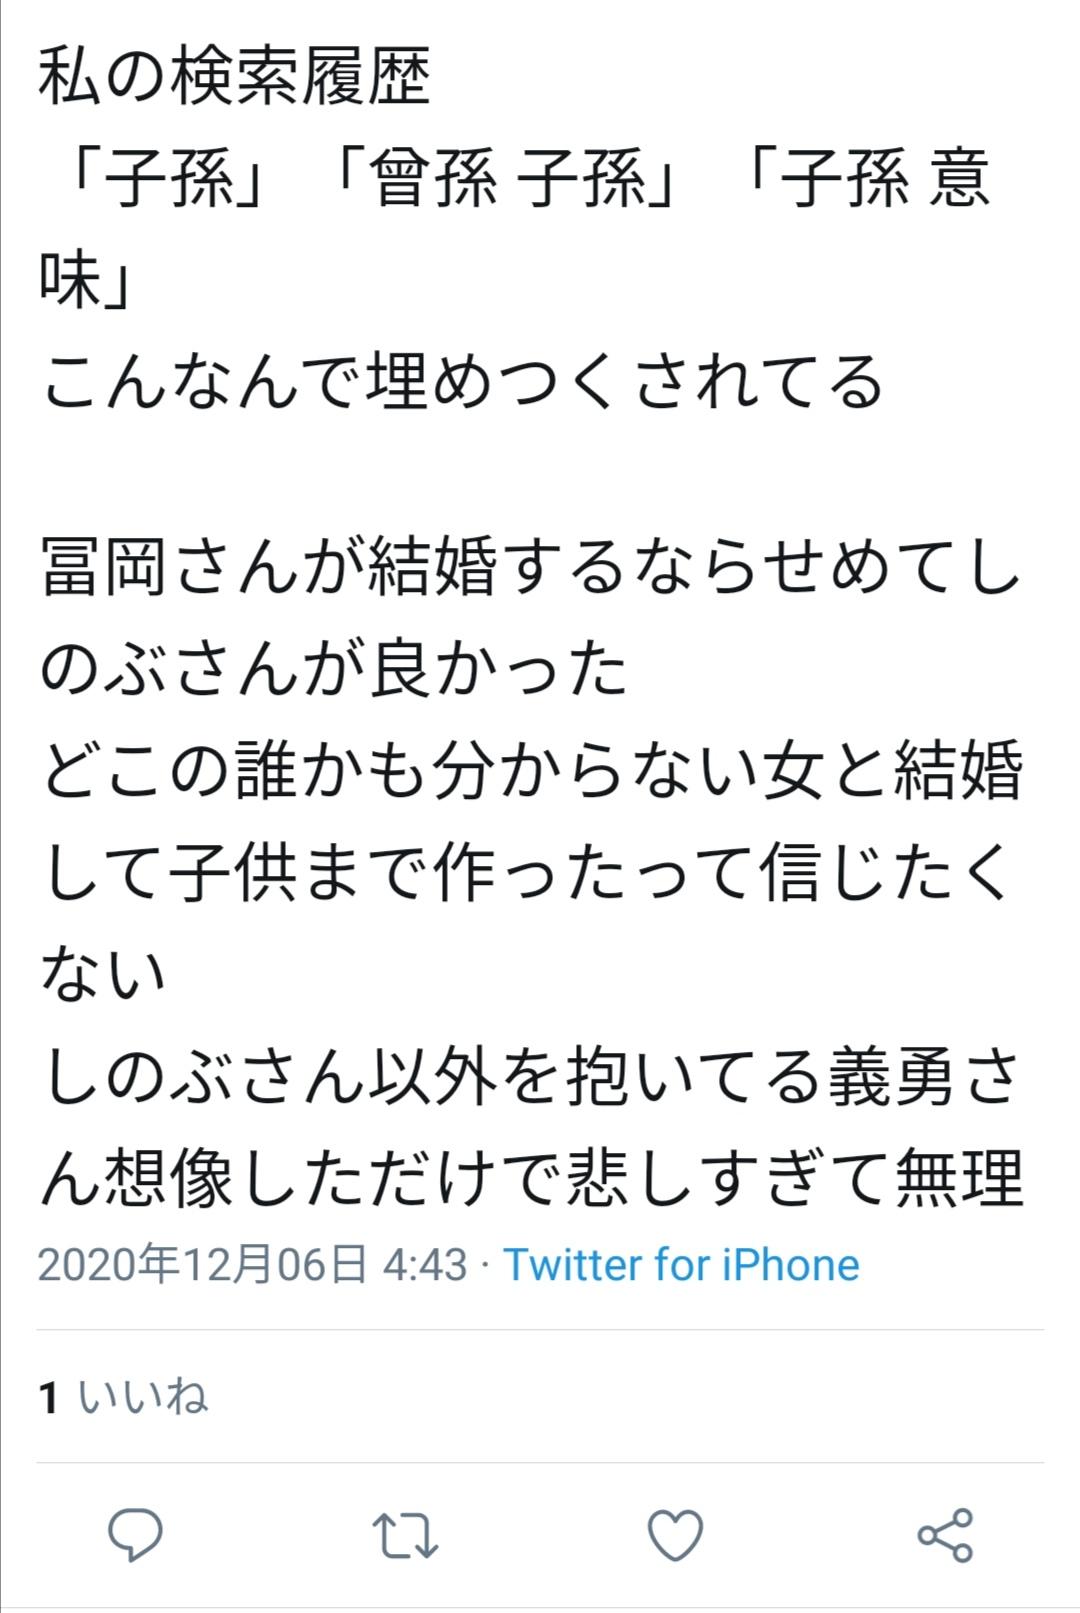 【悲報】女オタクさん、冨岡義勇の結婚により脳が完全に破壊されてしまう・・・